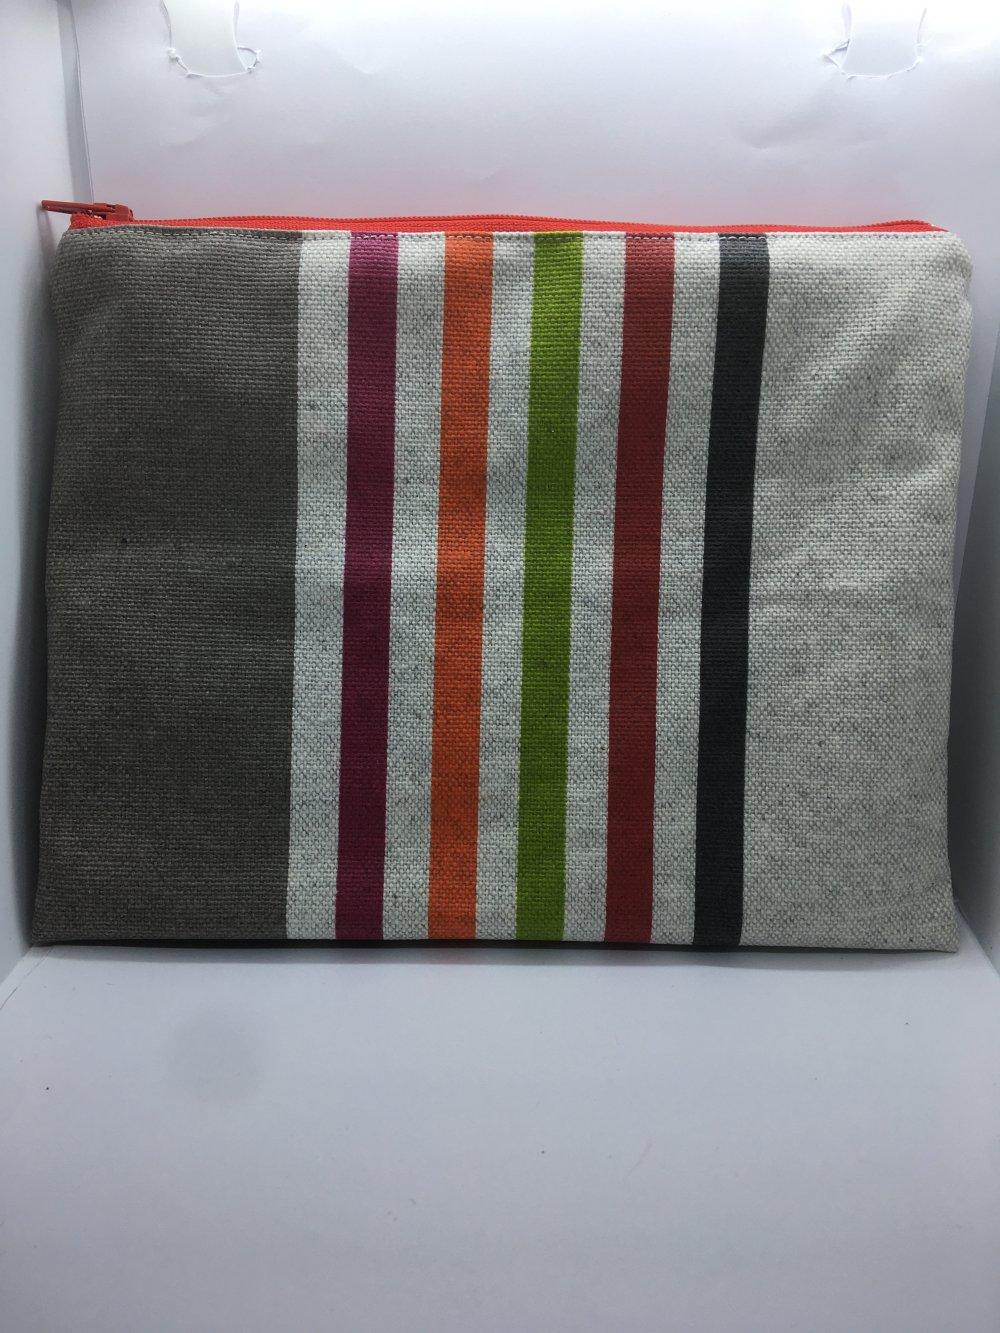 Pochette en tissu enduit aux rayures grise, violette, orange, verte, rouge